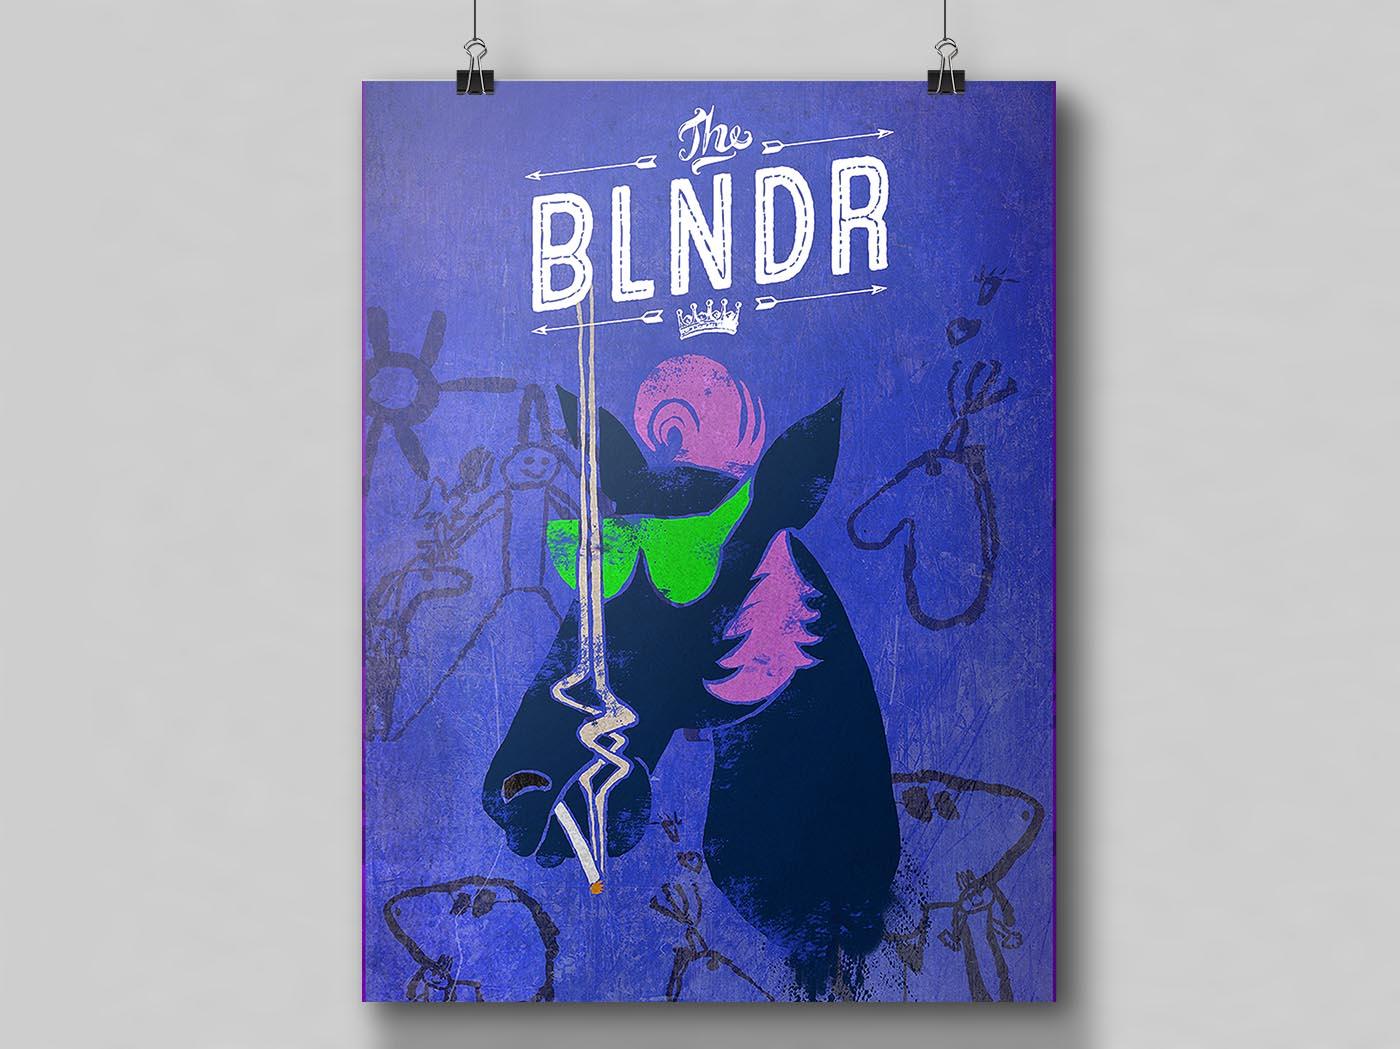 The Blender – der Angeber